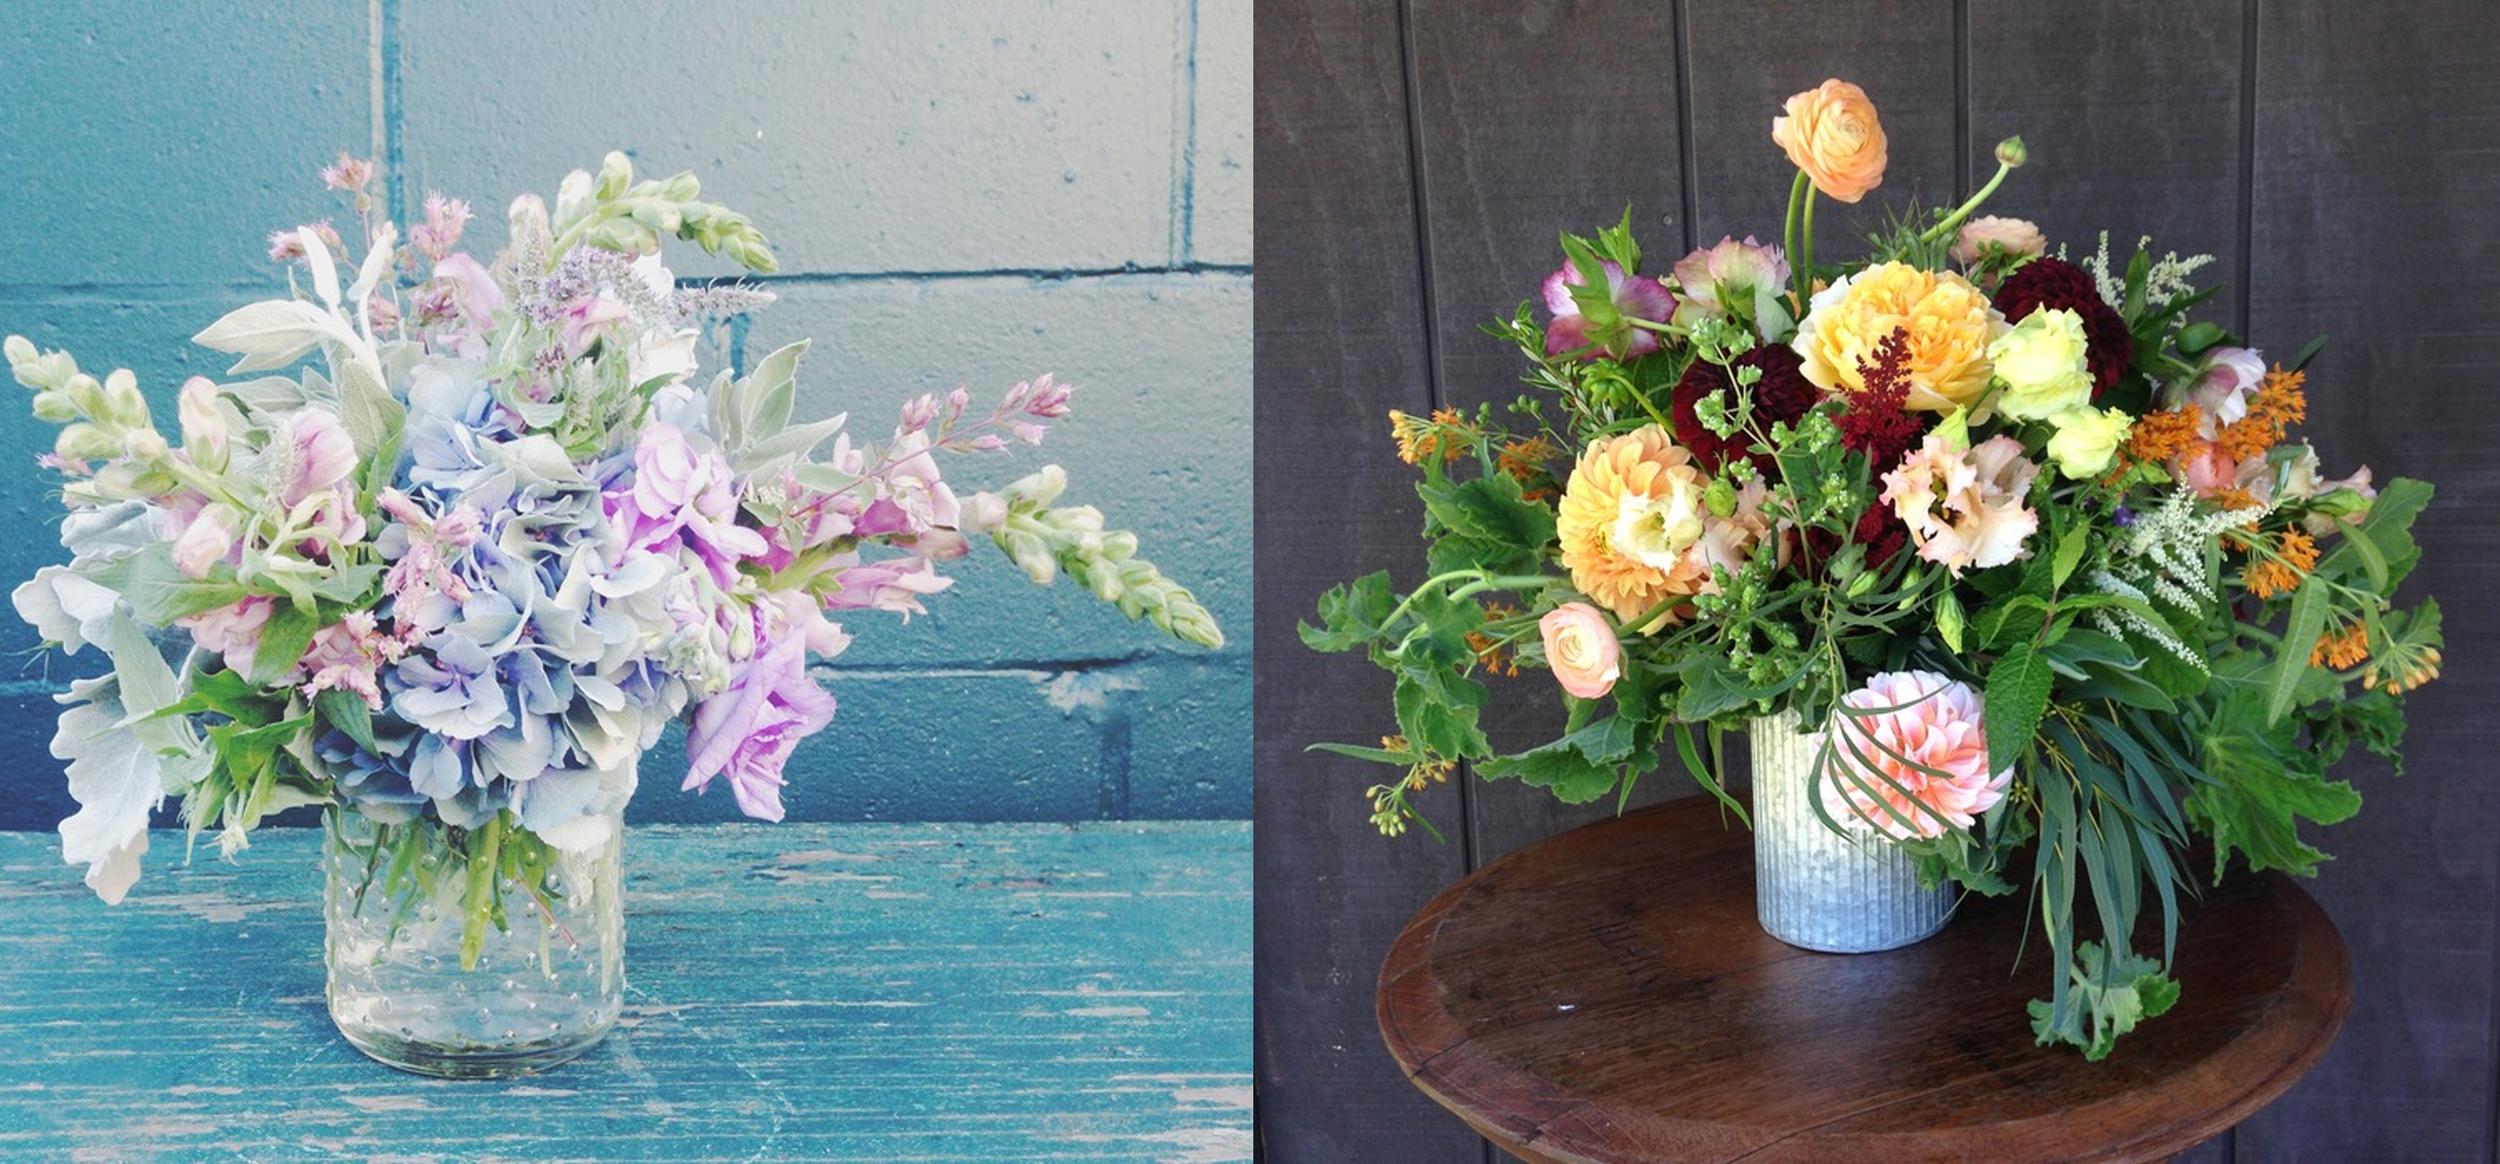 Photos by Elizabeth Patterson via Morrice Florist